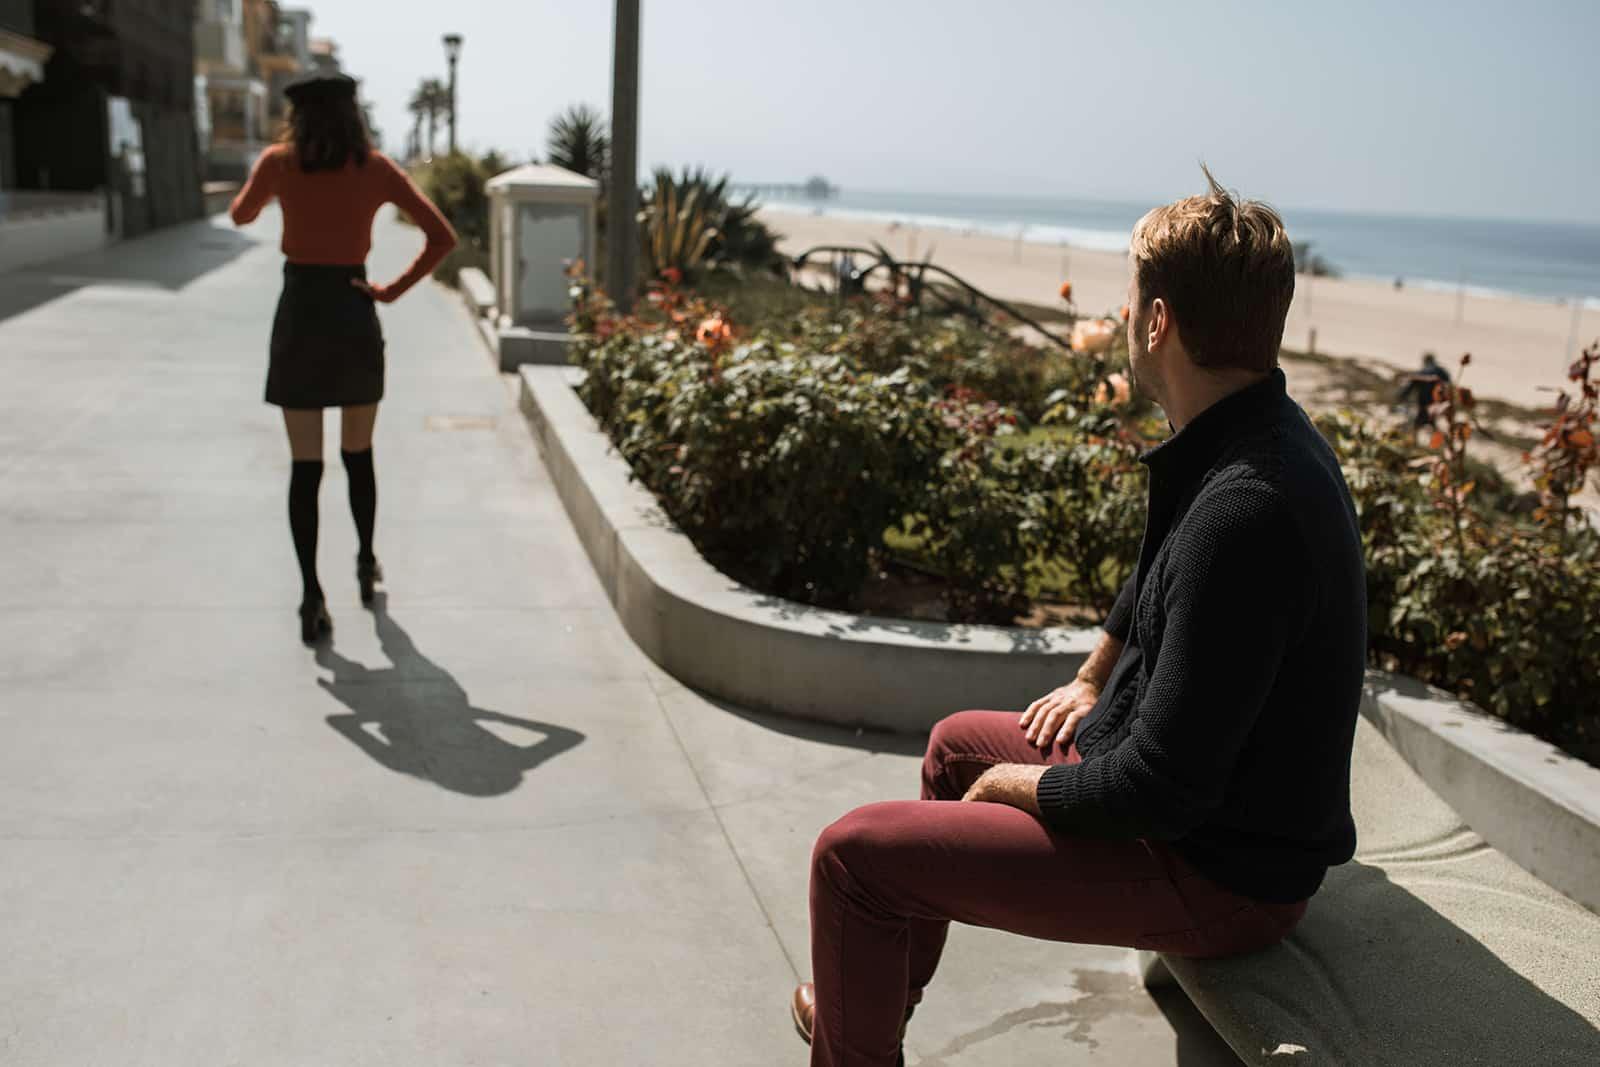 eine Frau, die von einem Mann geht, der auf der Betonbank sitzt